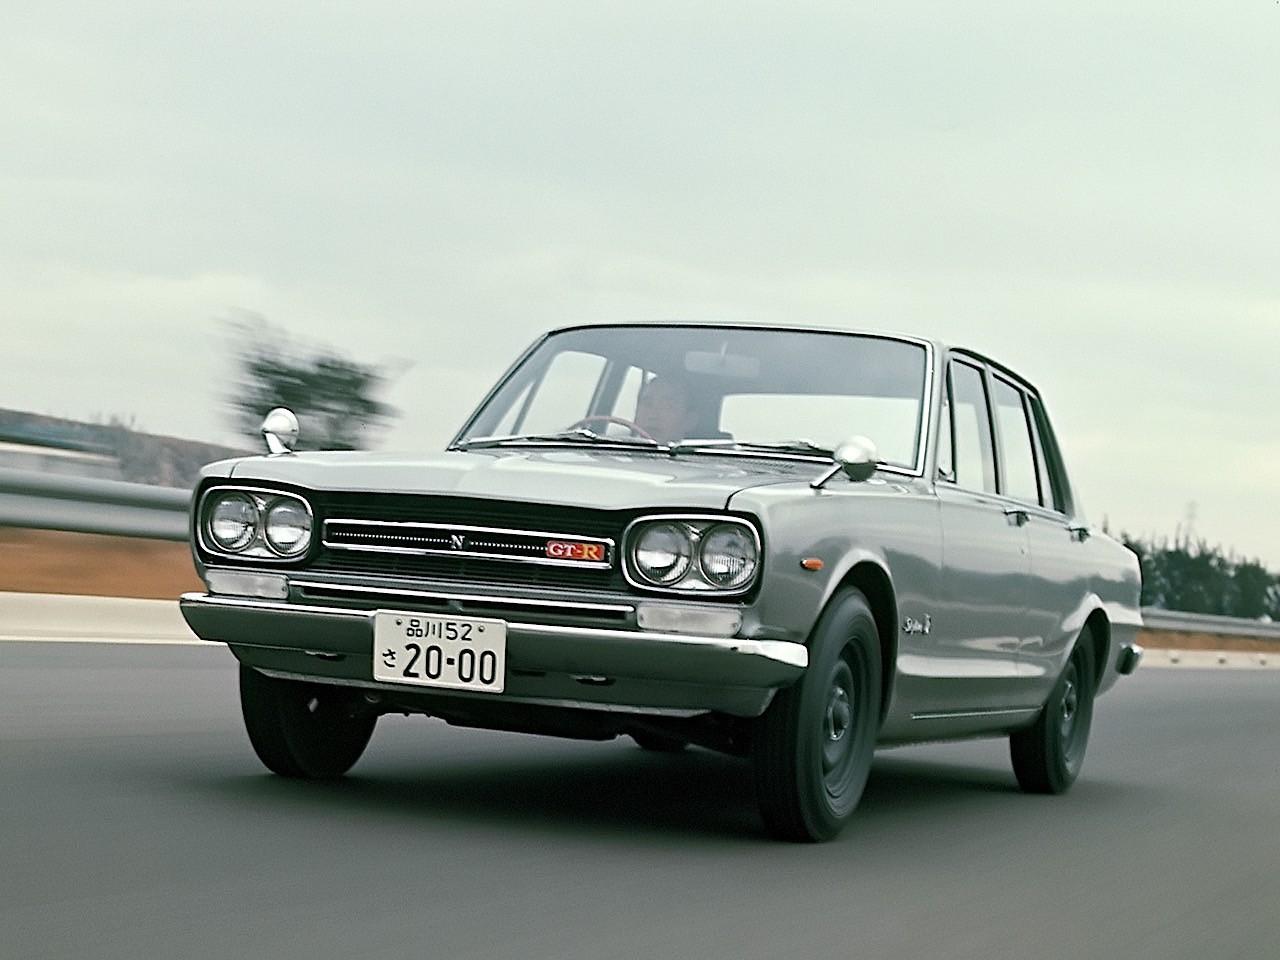 Nissan skyline gt r pgc 10 specs 1969 1970 1971 1972 nissan skyline gt r pgc 10 1969 1972 vanachro Choice Image